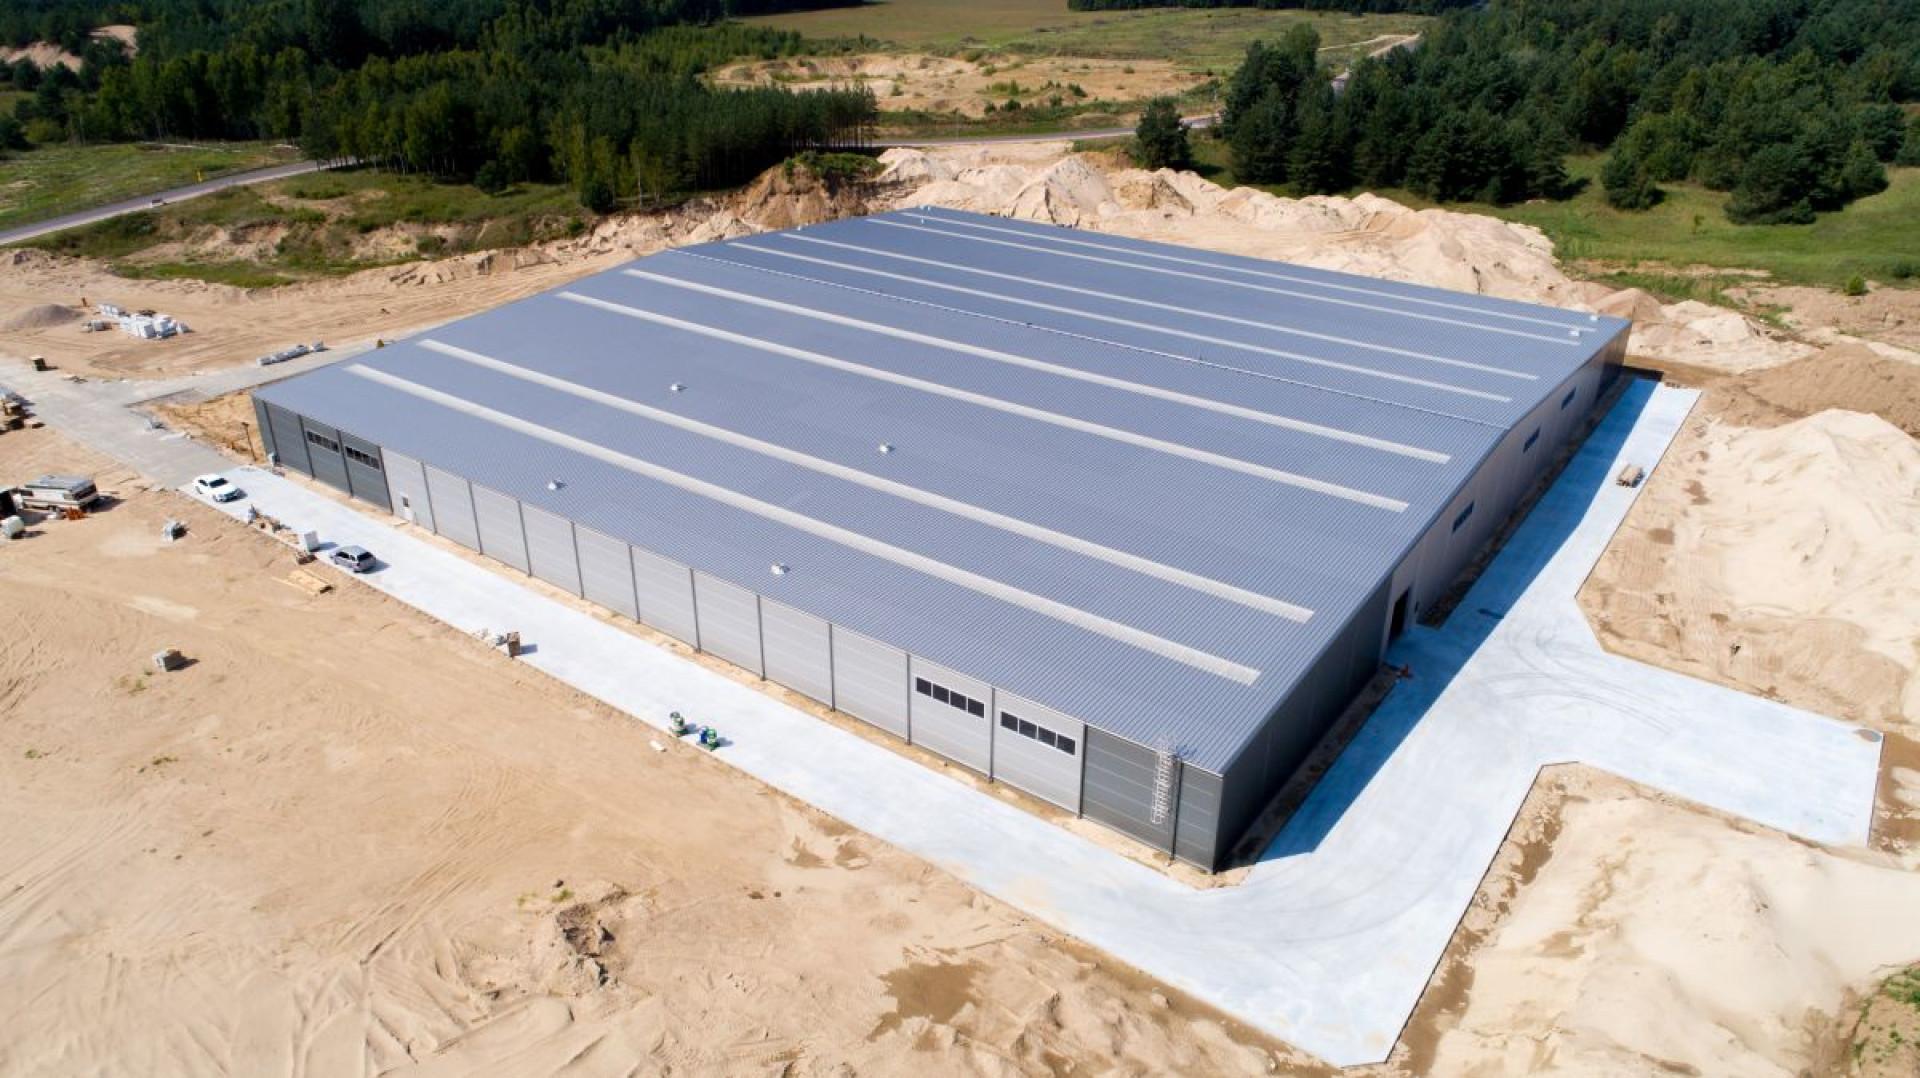 Najnowsza inwestycja firmy Libro zlokalizowana jest w miejscowości Nielbark. Fot. Libro